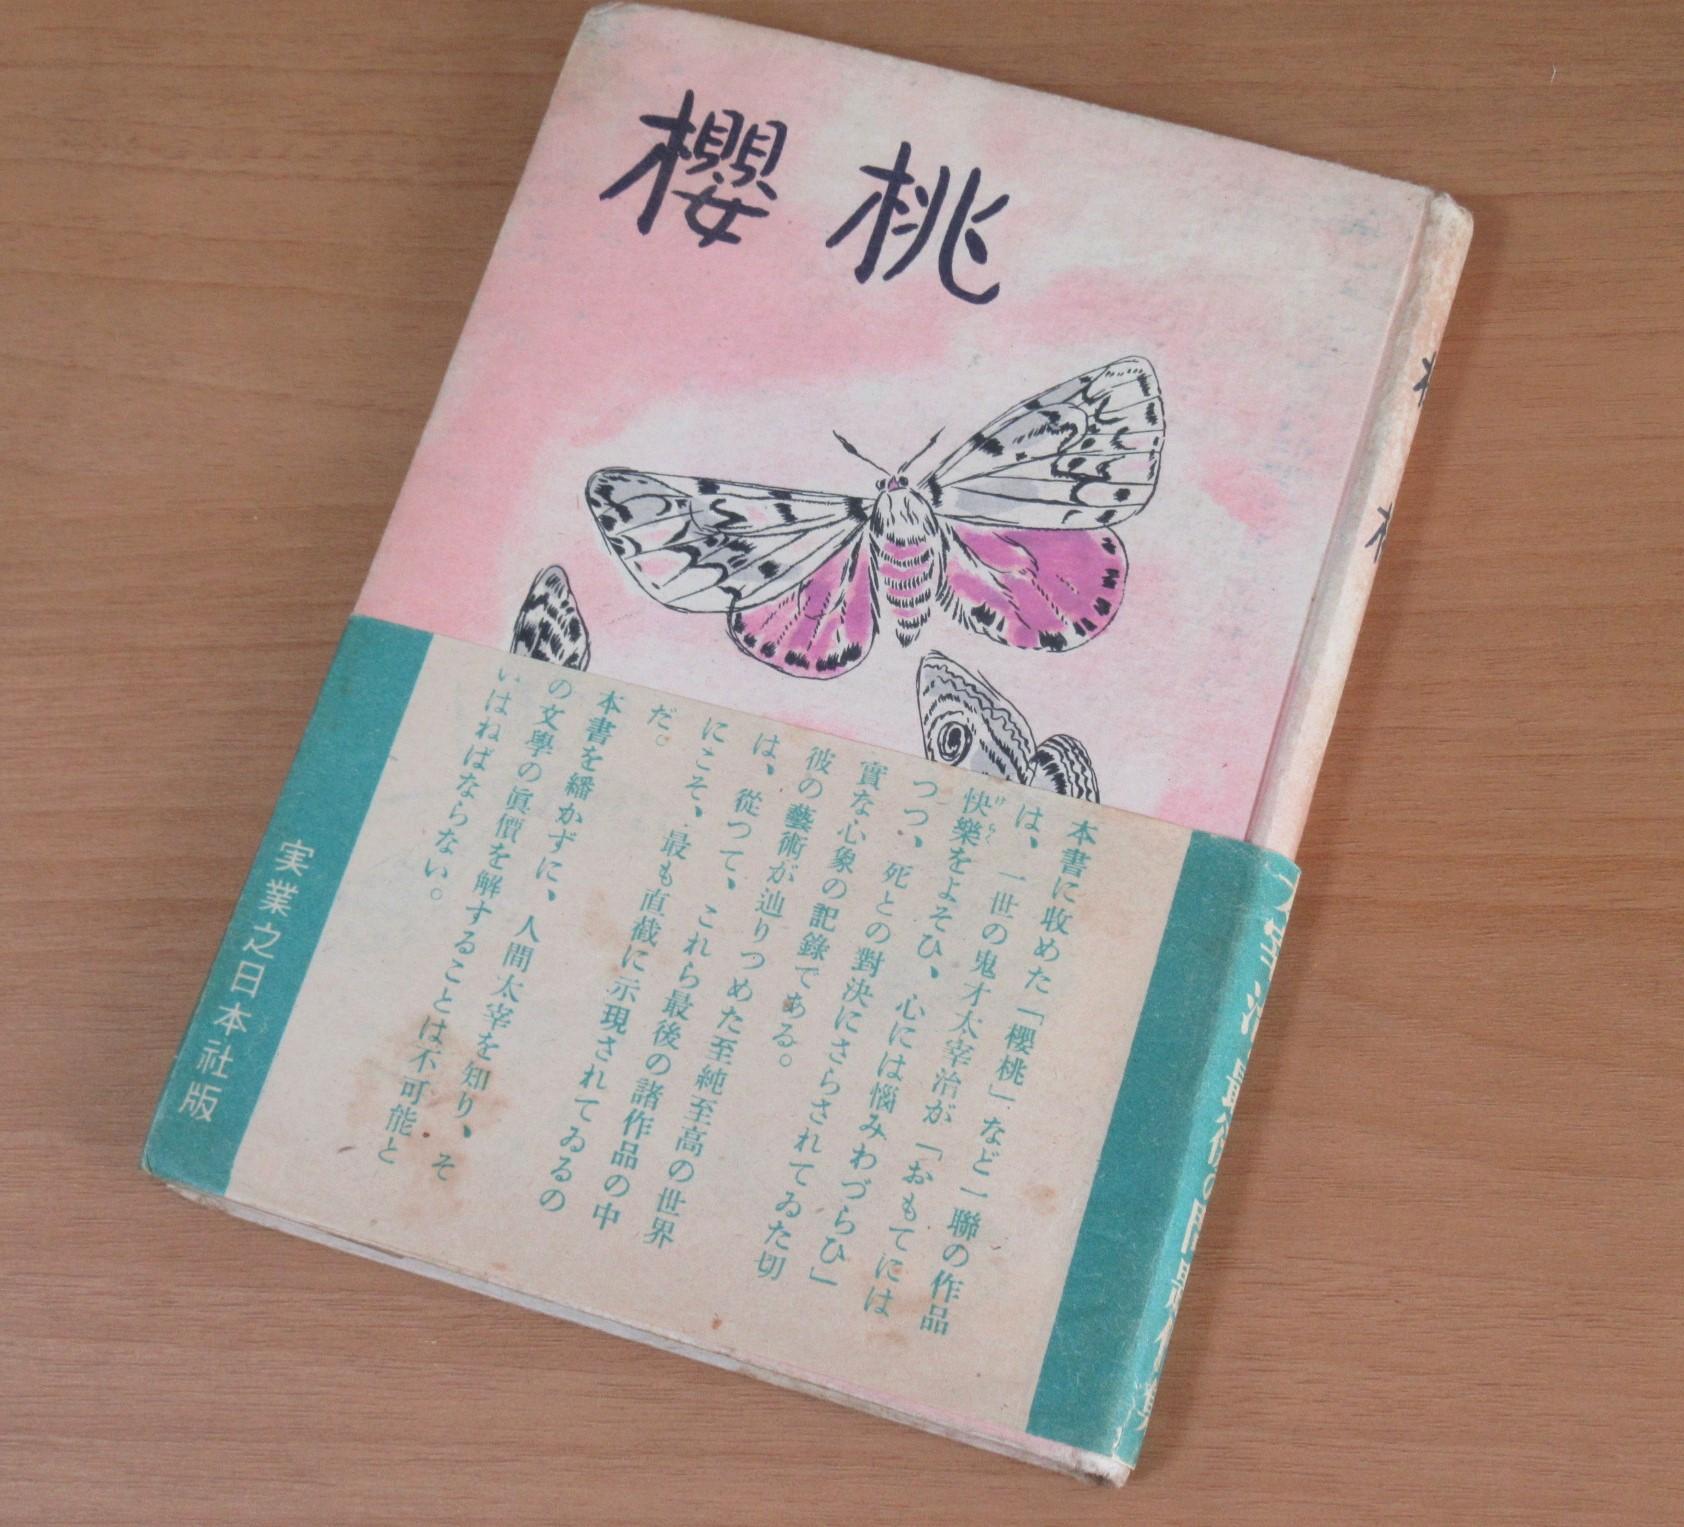 太宰治 桜桃 実業之日本社 初版 帯付